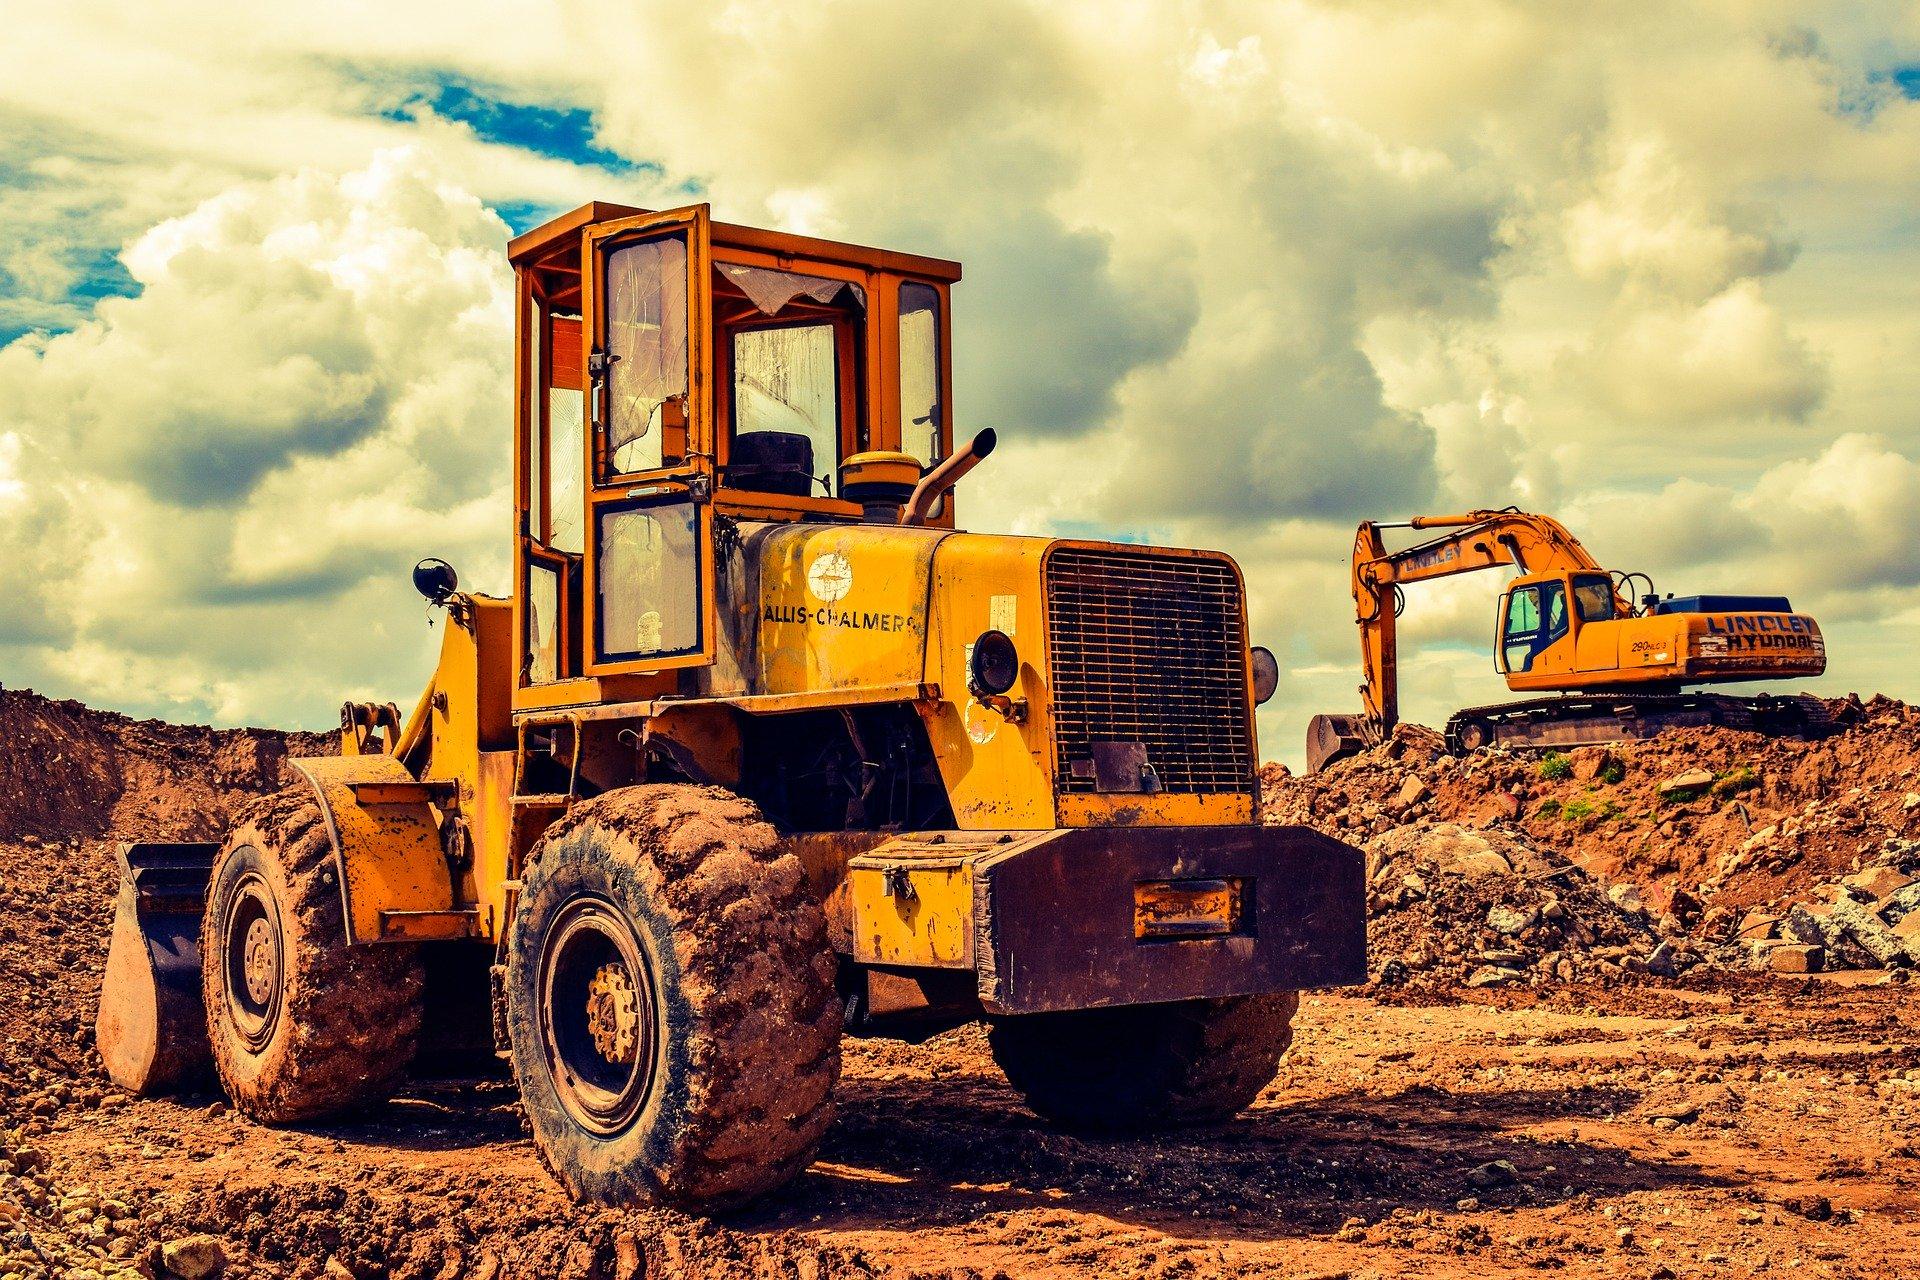 Usuwanie wilgoci budowlanej, początkowej, technologicznej - wilgoć budowlana, początkowa